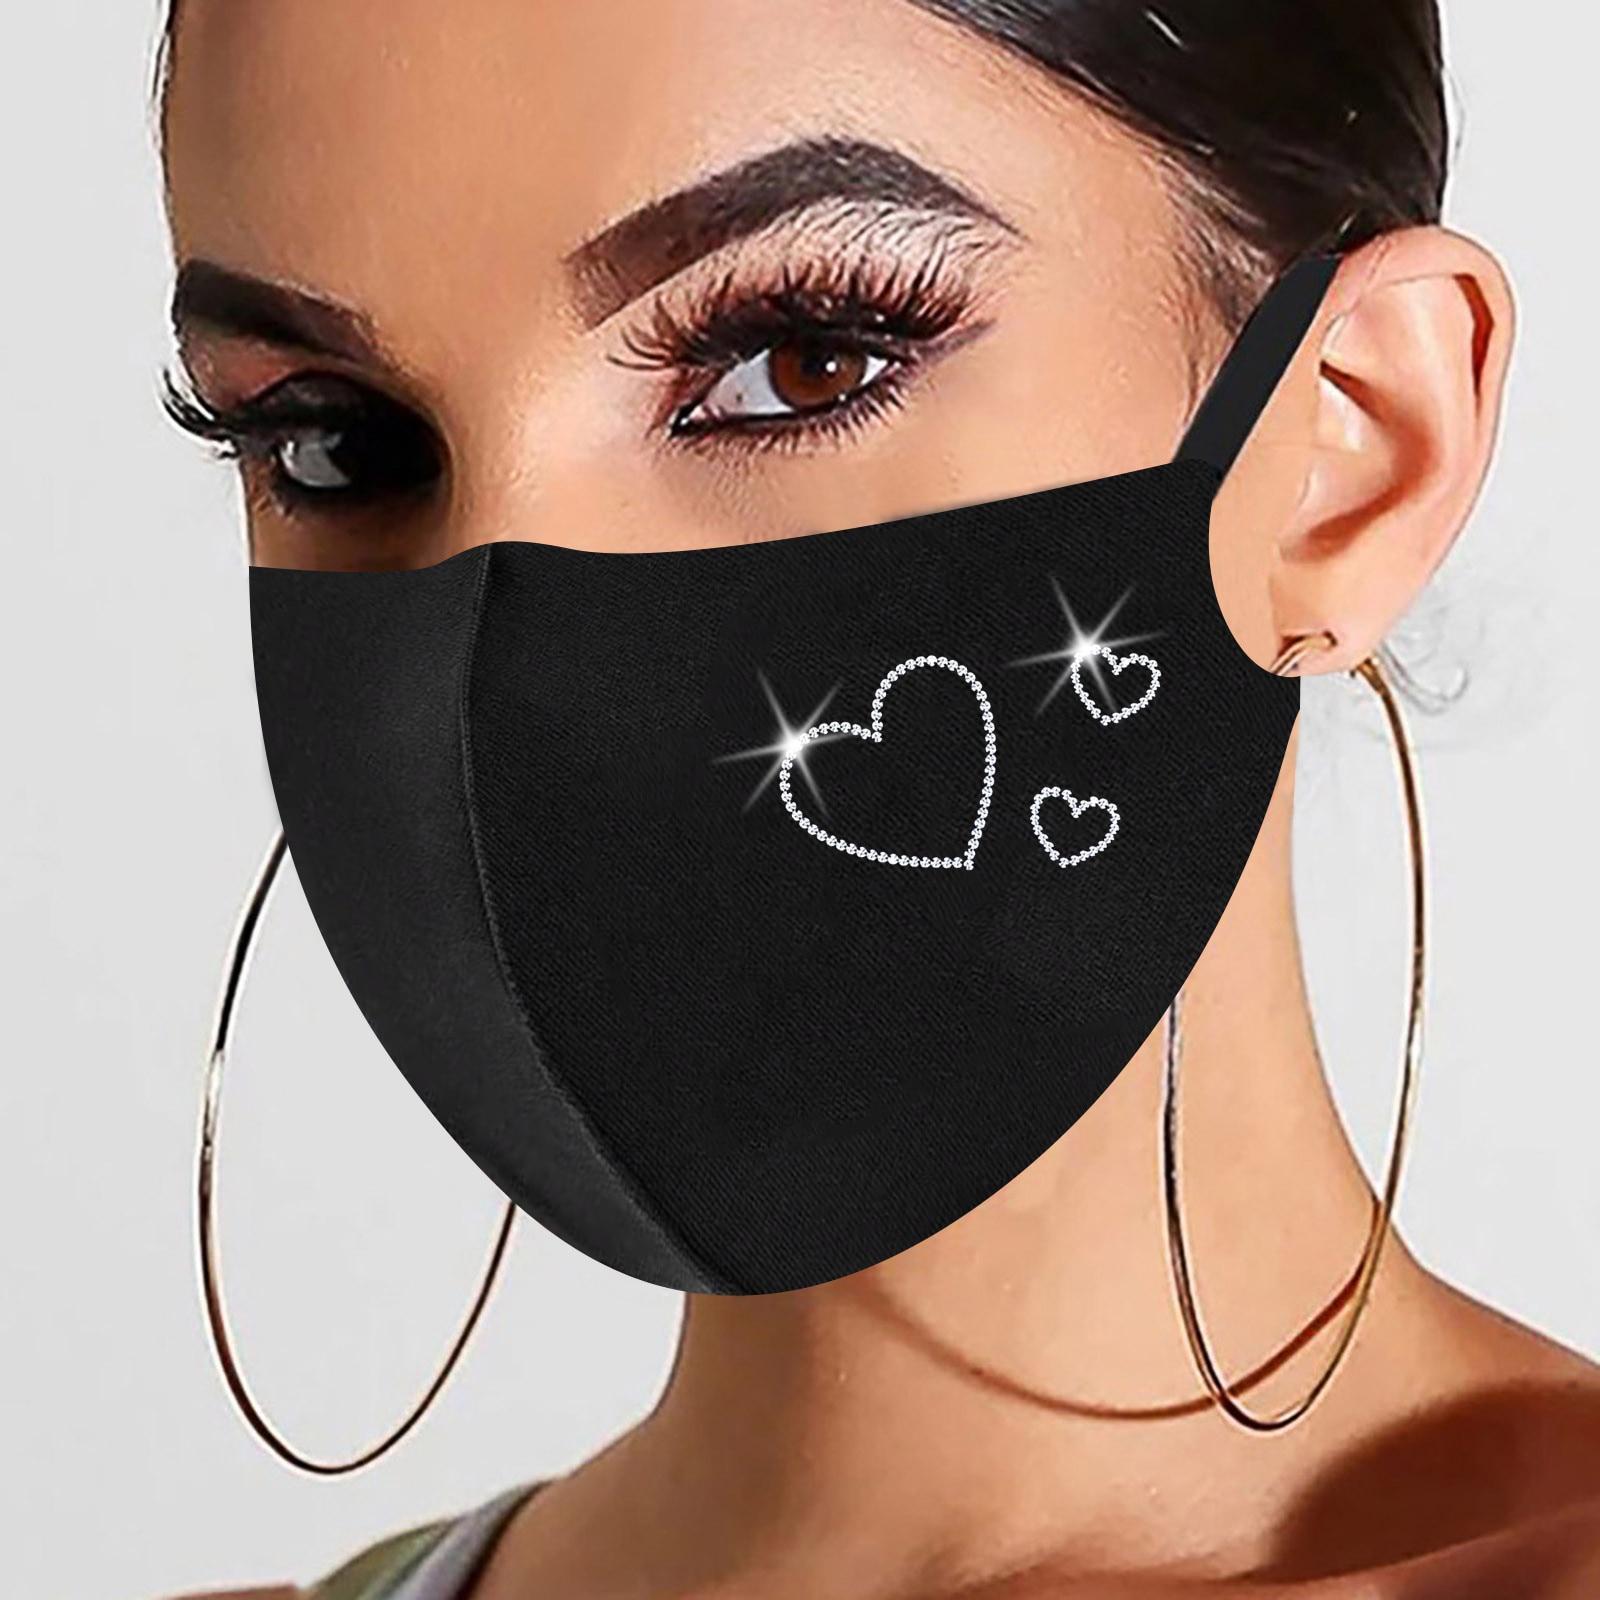 1pc Preto Máscara de Natal Para As Mulheres Na Moda Hot Diamante Impressão de Algodão Máscara Máscaras Маски От Вирусов Dropshipping 6